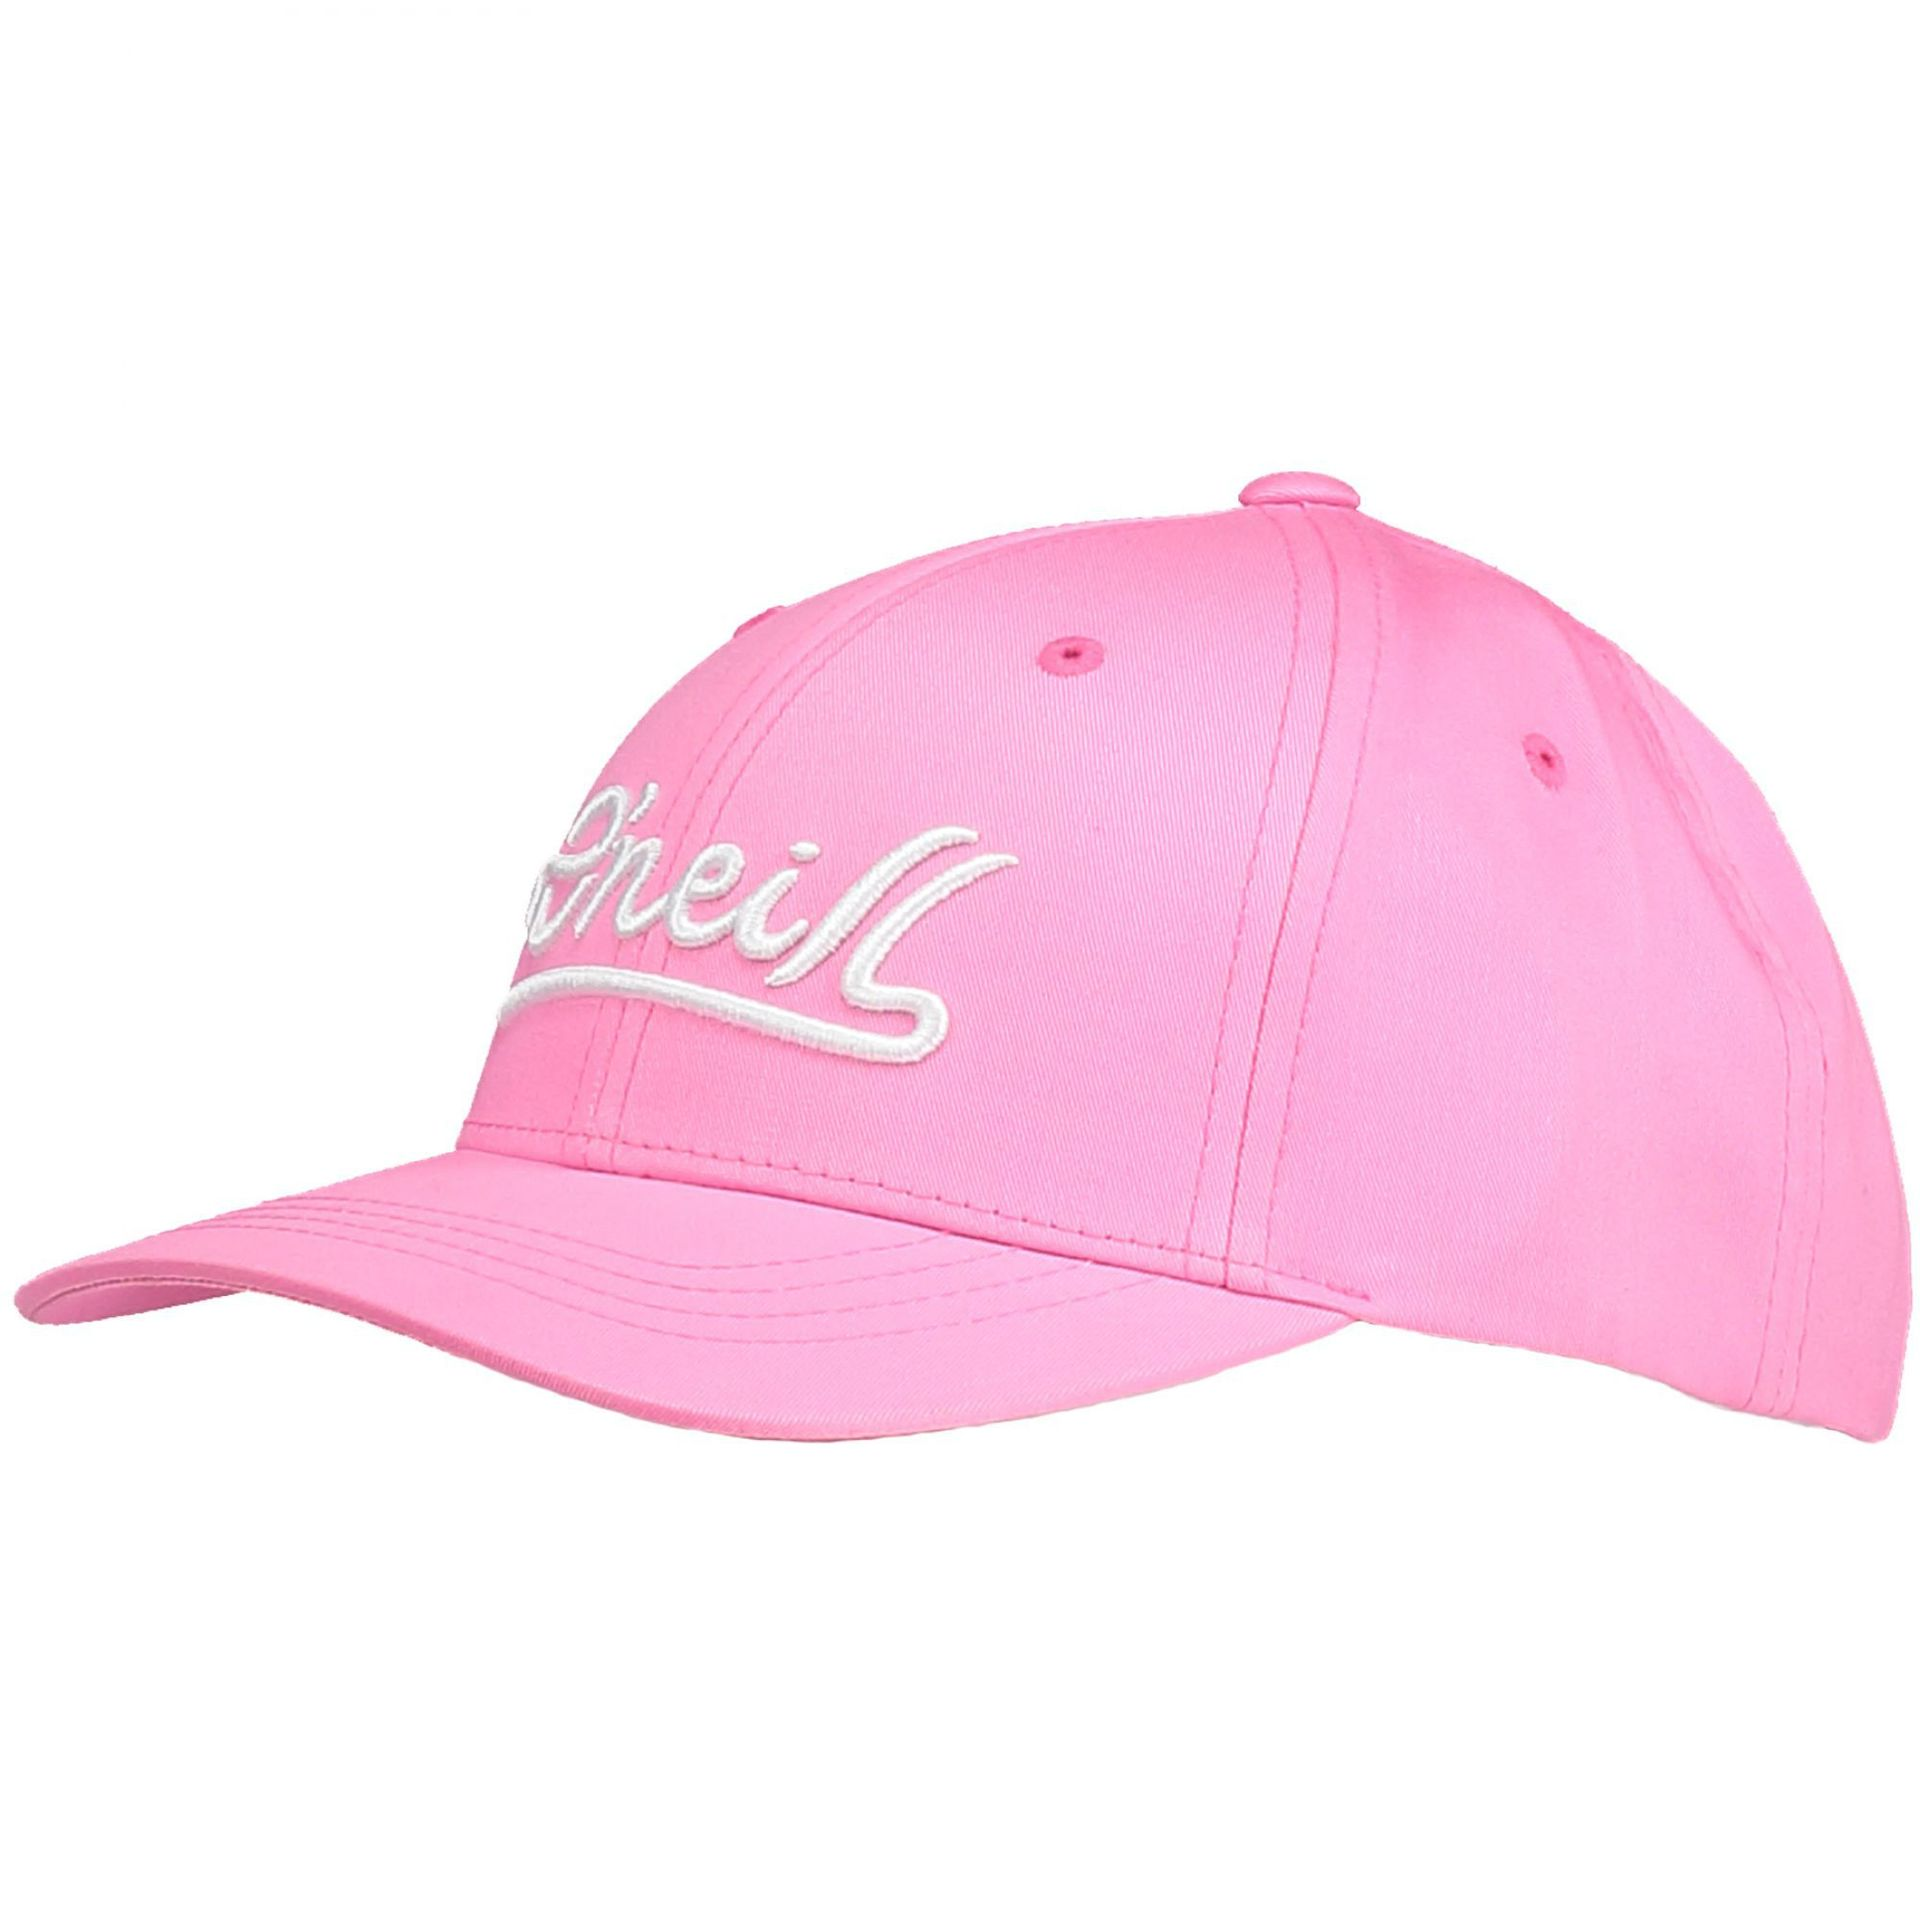 CZAPKA Z DASZKIEM ONEILL STAMPED CAP